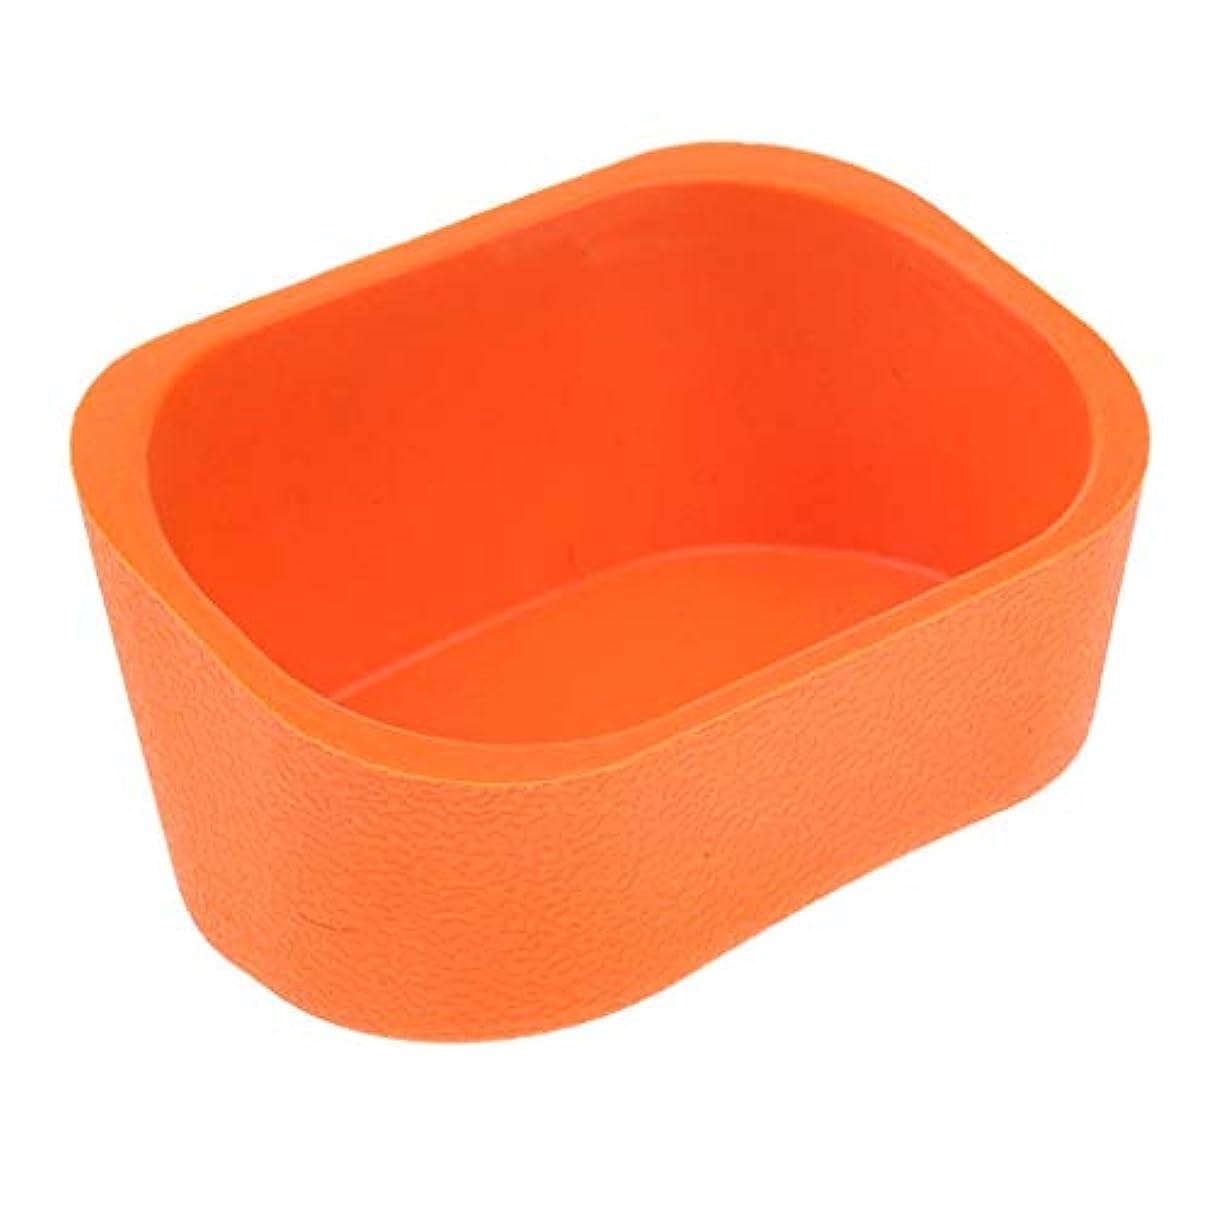 ブラスト運命ぼんやりしたHellery 大広間の毛のためのシリコーンのシャンプーボールの首の残りの枕パッドは流しを洗います - オレンジ